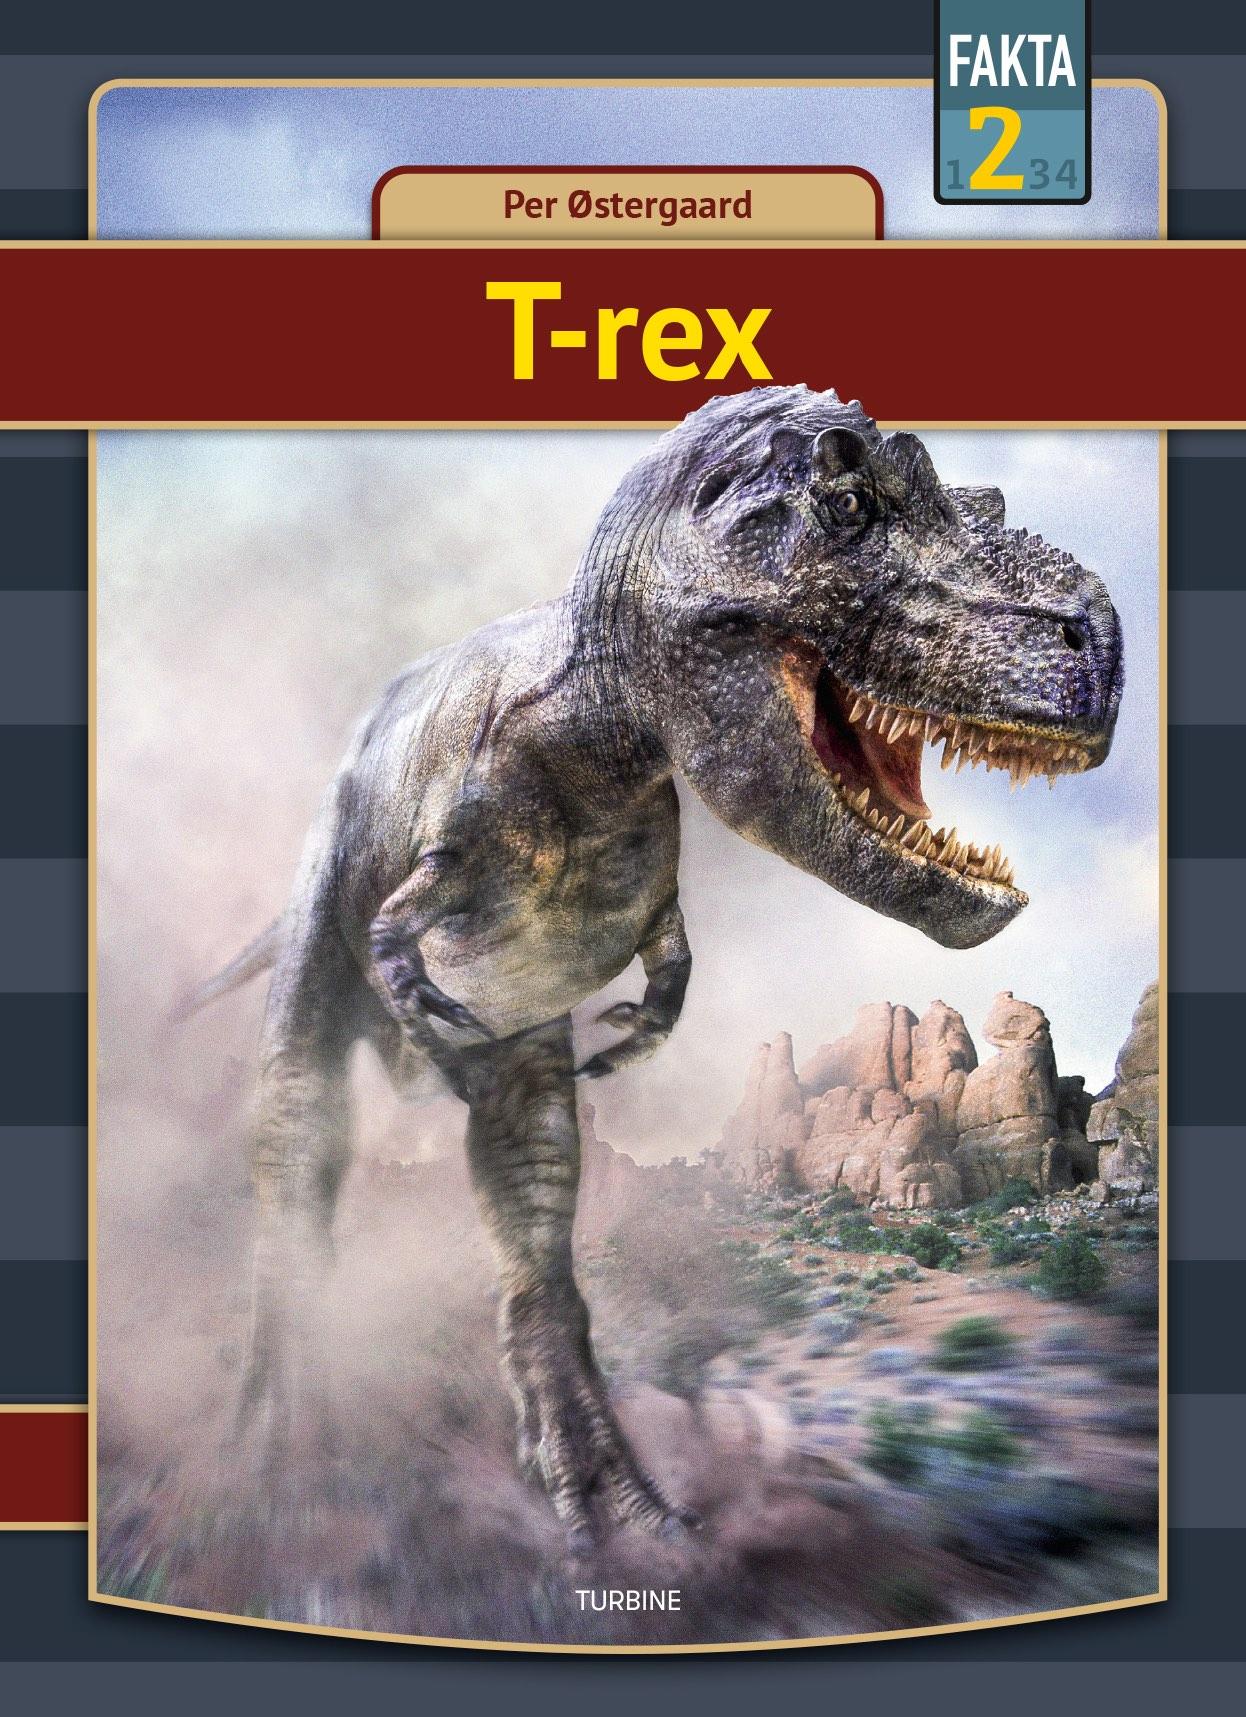 Fakta 2: T-rex - Per Østergaard - Bøger - Turbine - 9788740663761 - 24. jun 2020